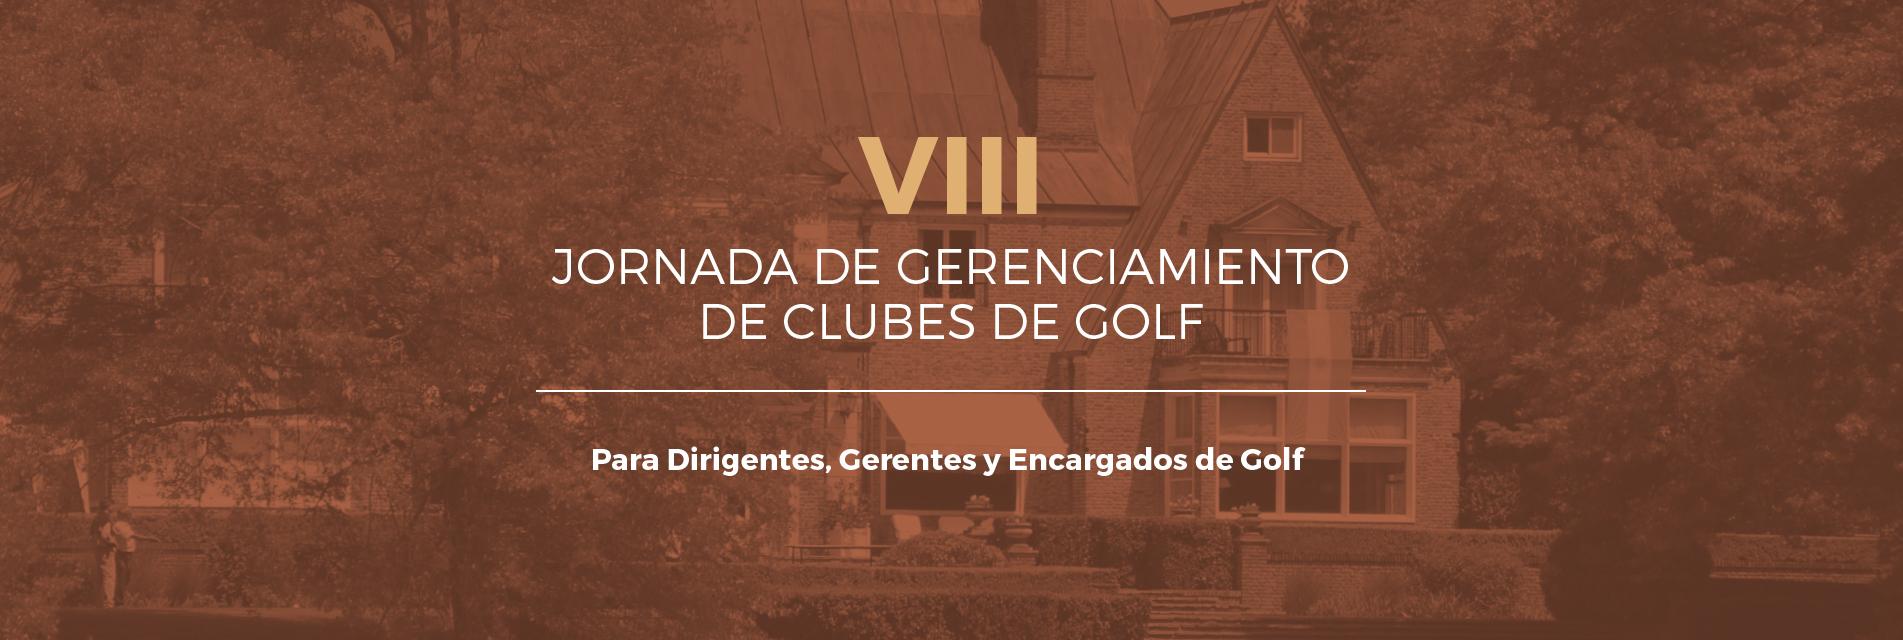 slide home_Jornadas gerenciamiento